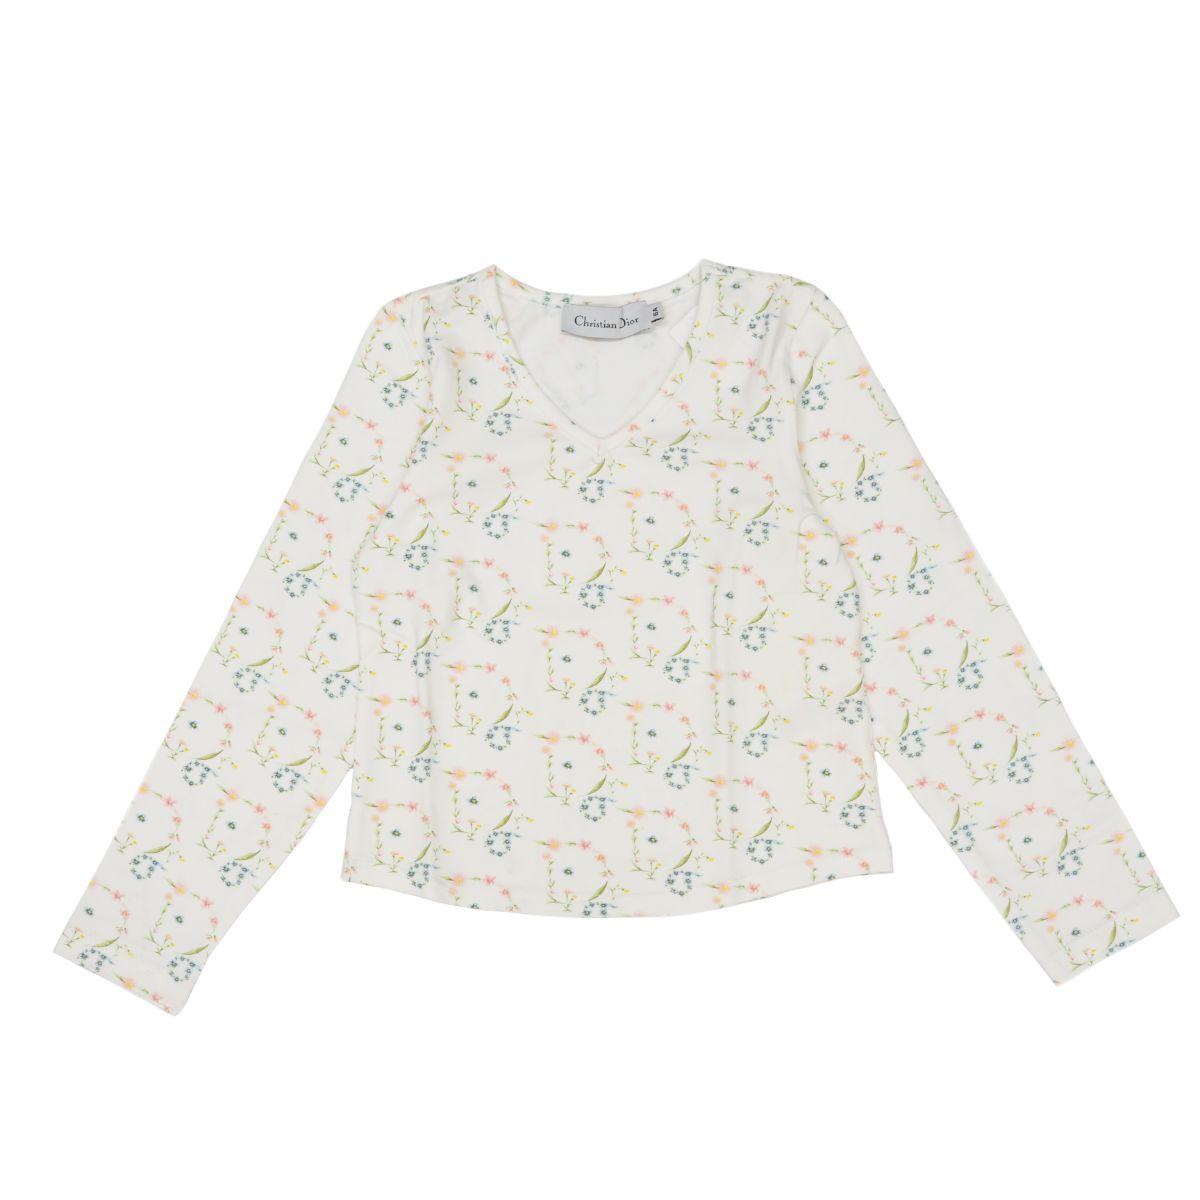 新品 DIOR ディオール 販売期間 限定のお得なタイムセール キッズTシャツ Christian Dior クリスチャンディオール プレゼント ギフト 世界の人気ブランド 6A 子供服